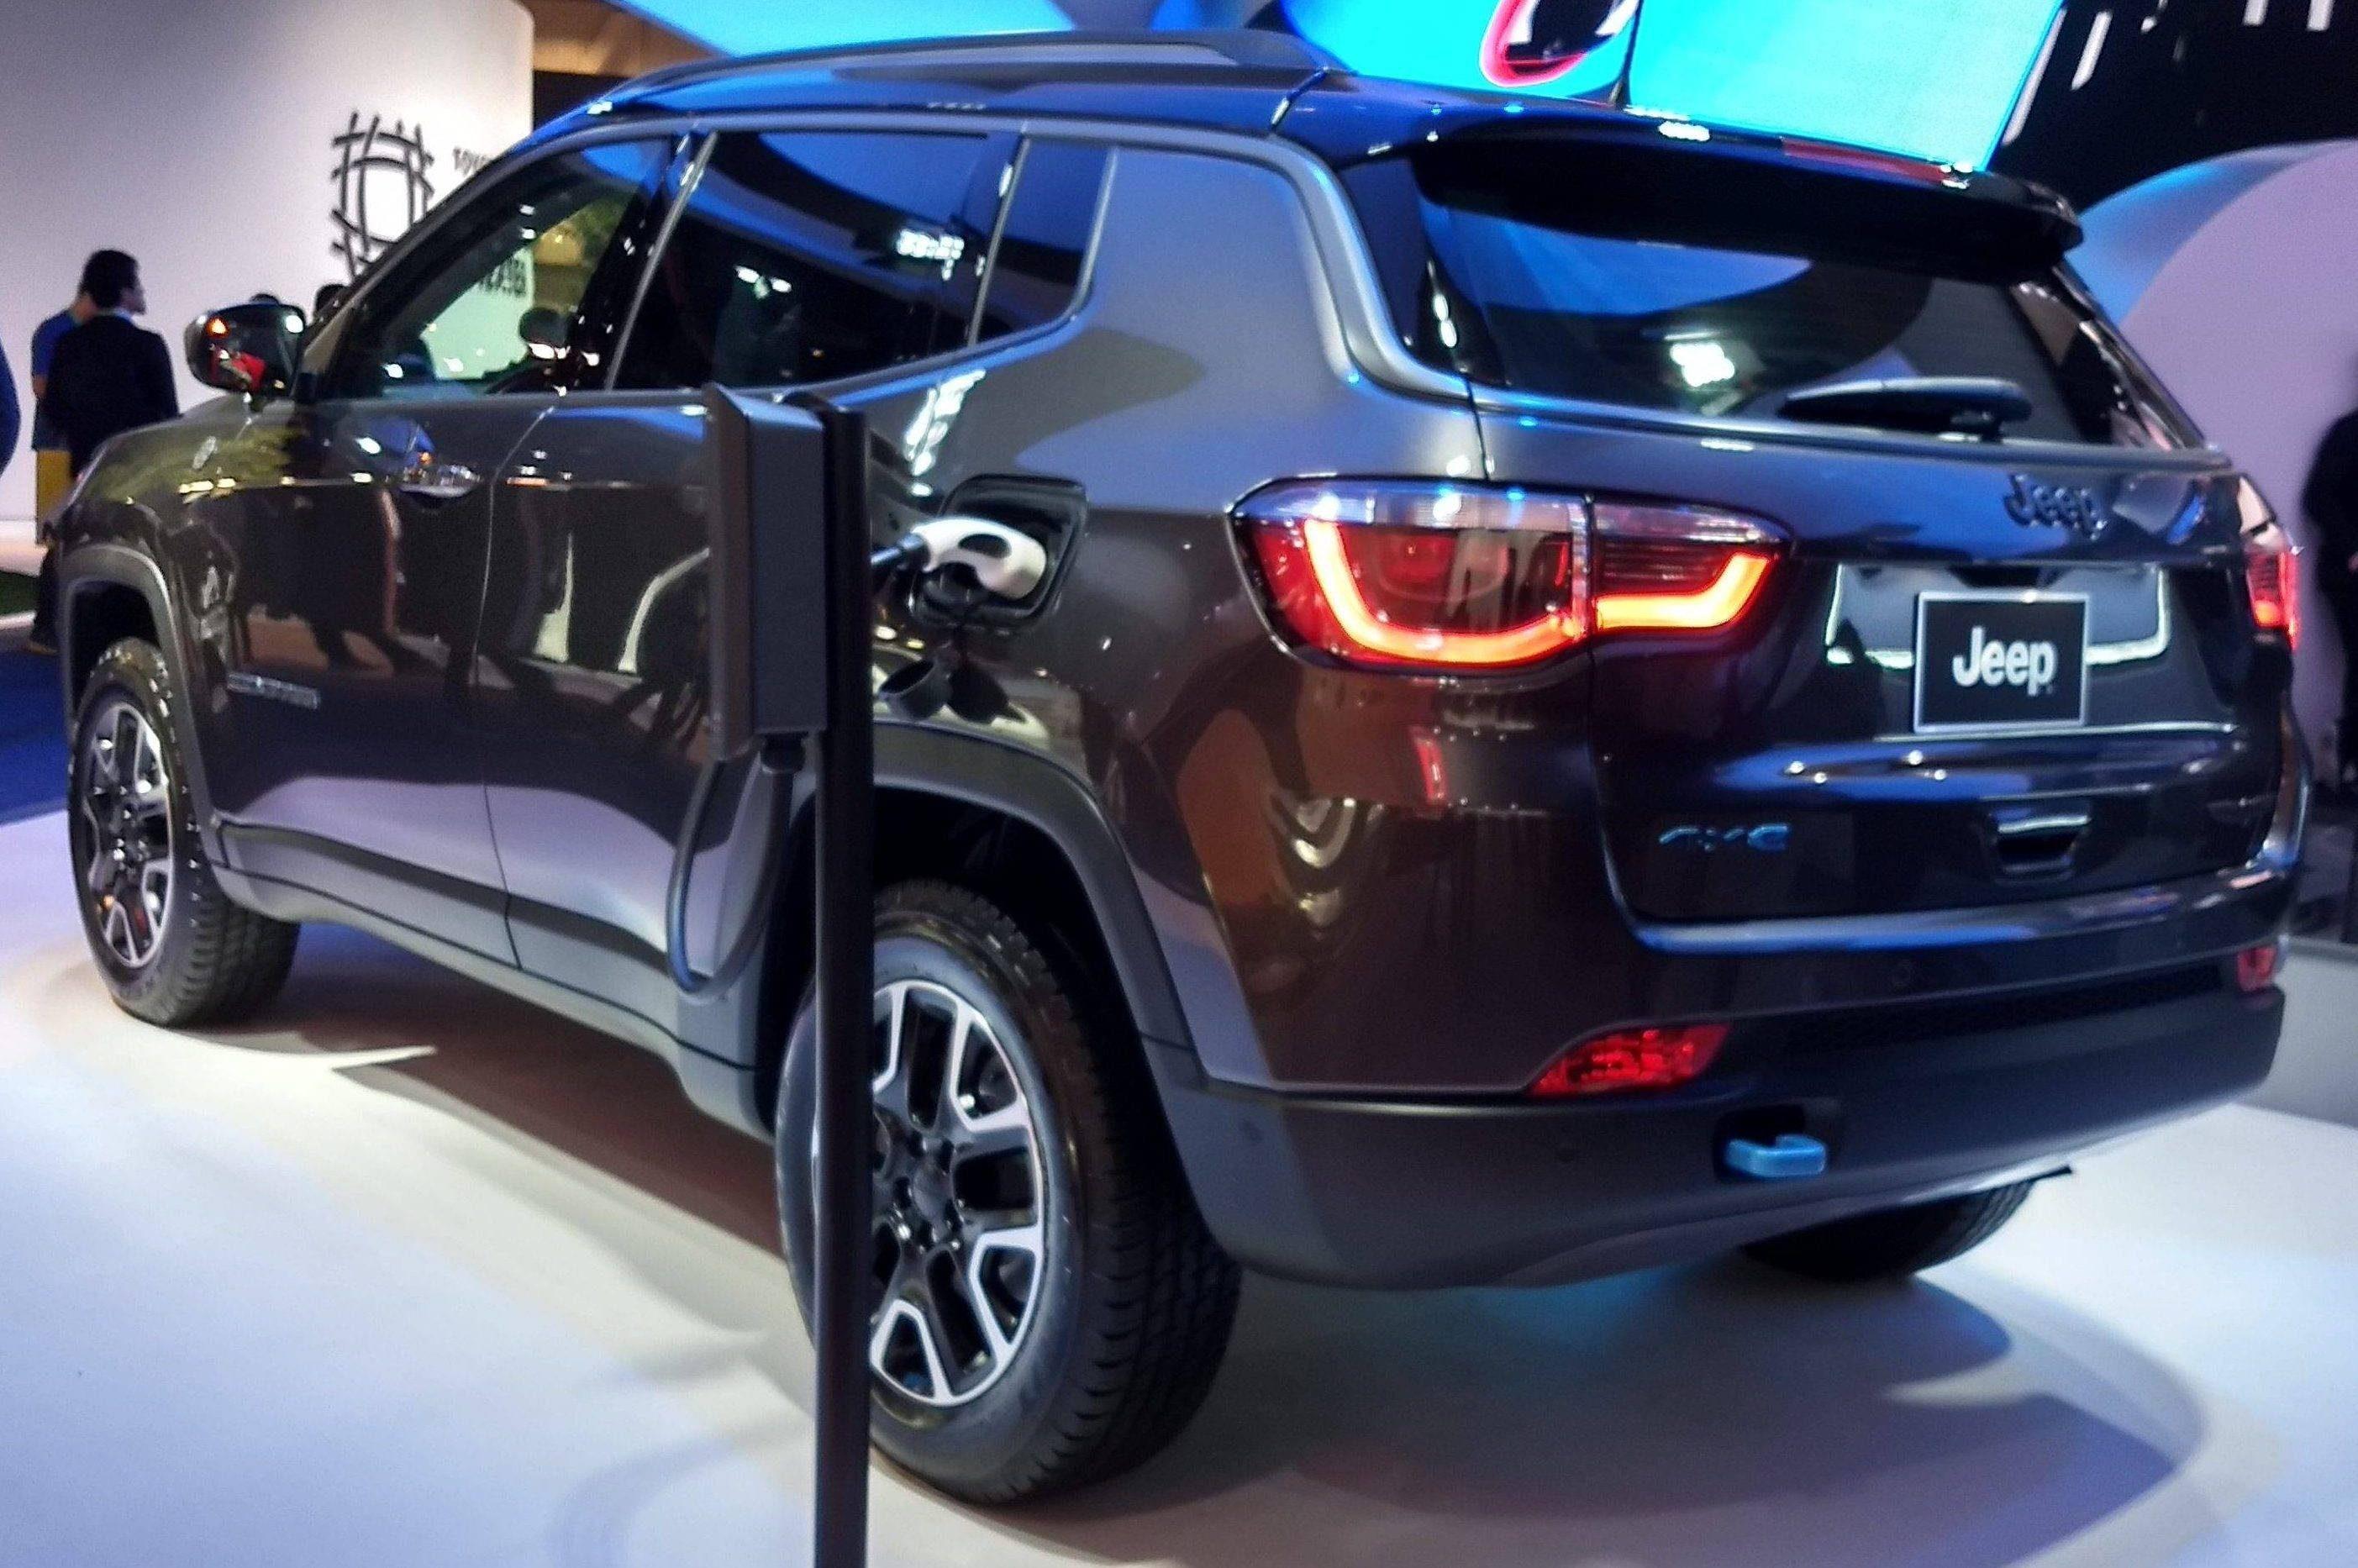 Líder do segmento, Jeep Compass terá versão híbrida importada a partir de 2021